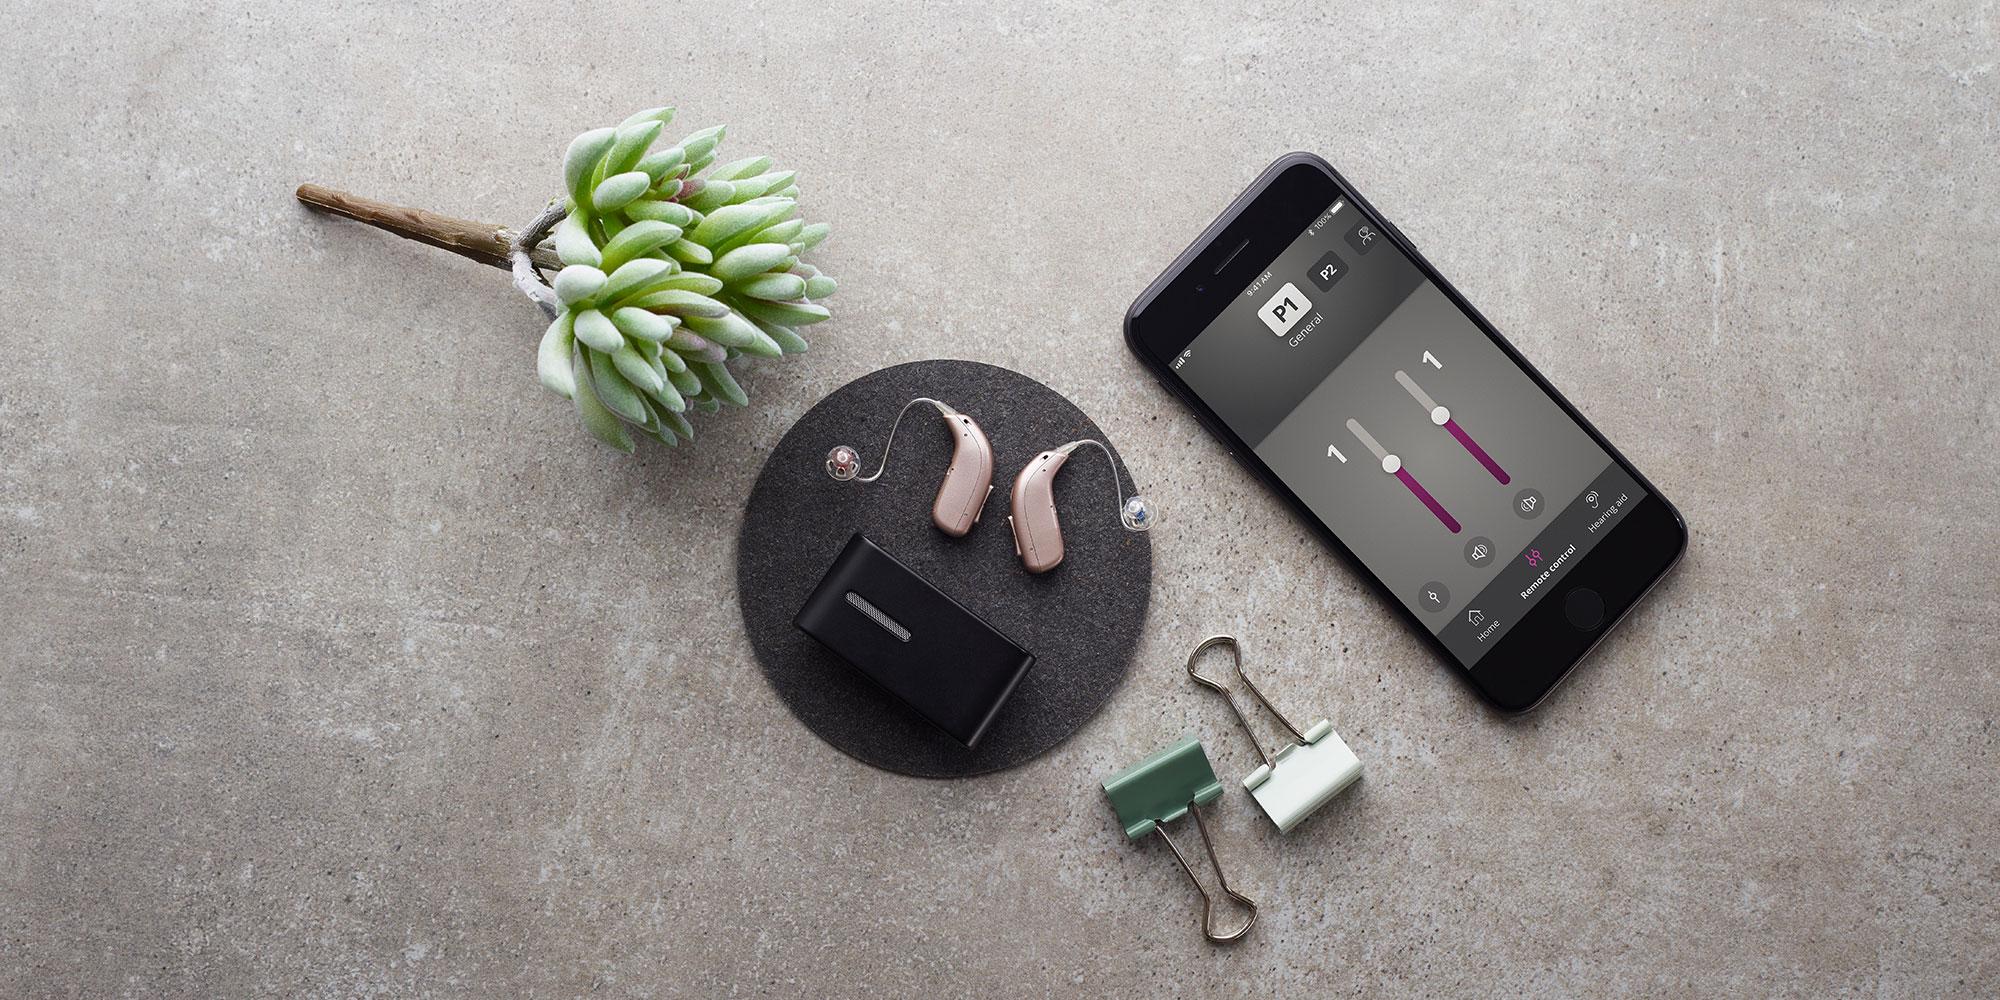 Hörgeräte mit Smartphone verbinden